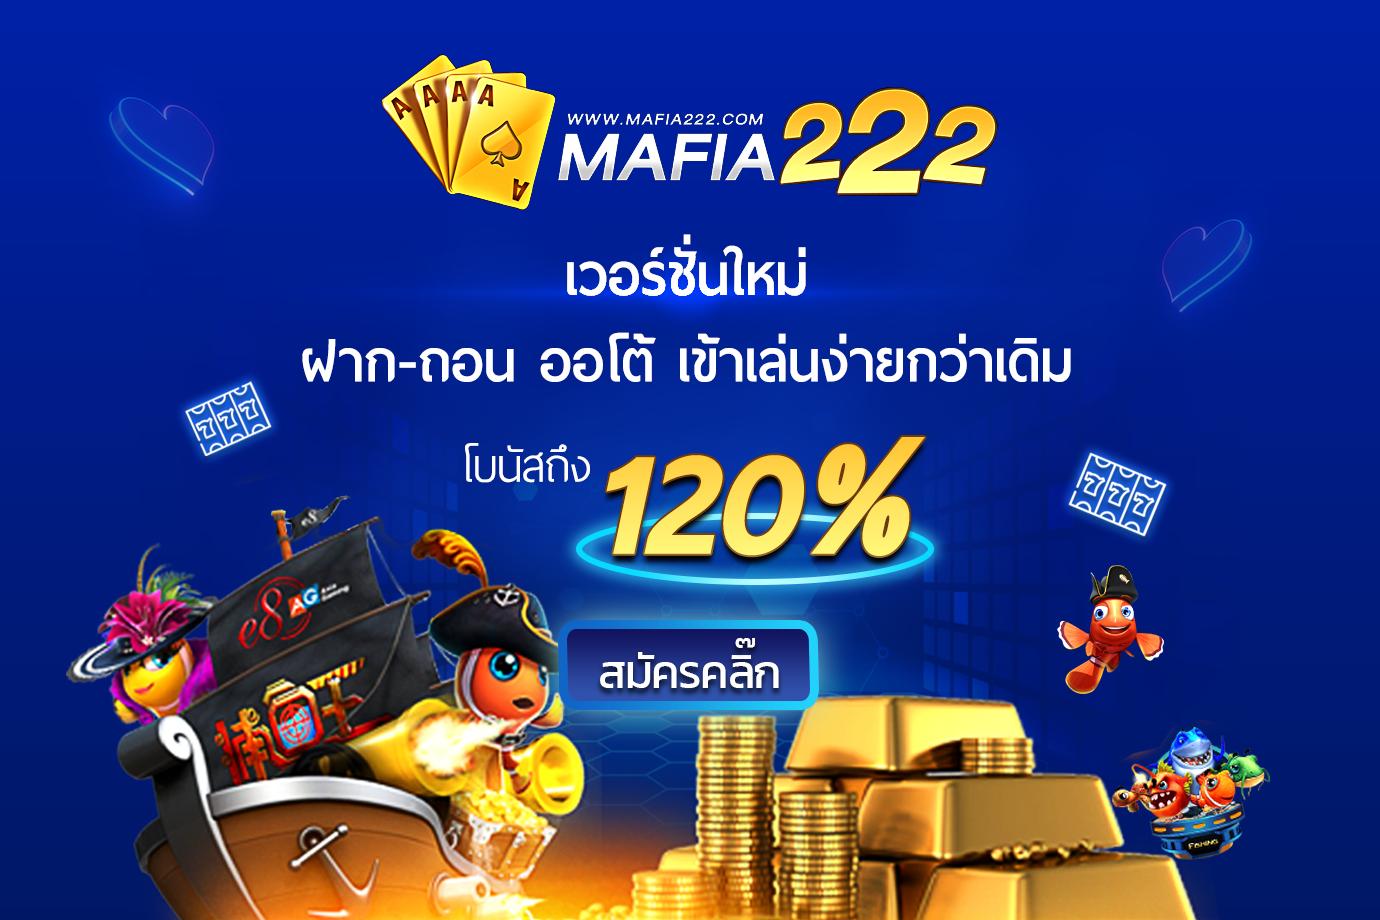 Mafia222